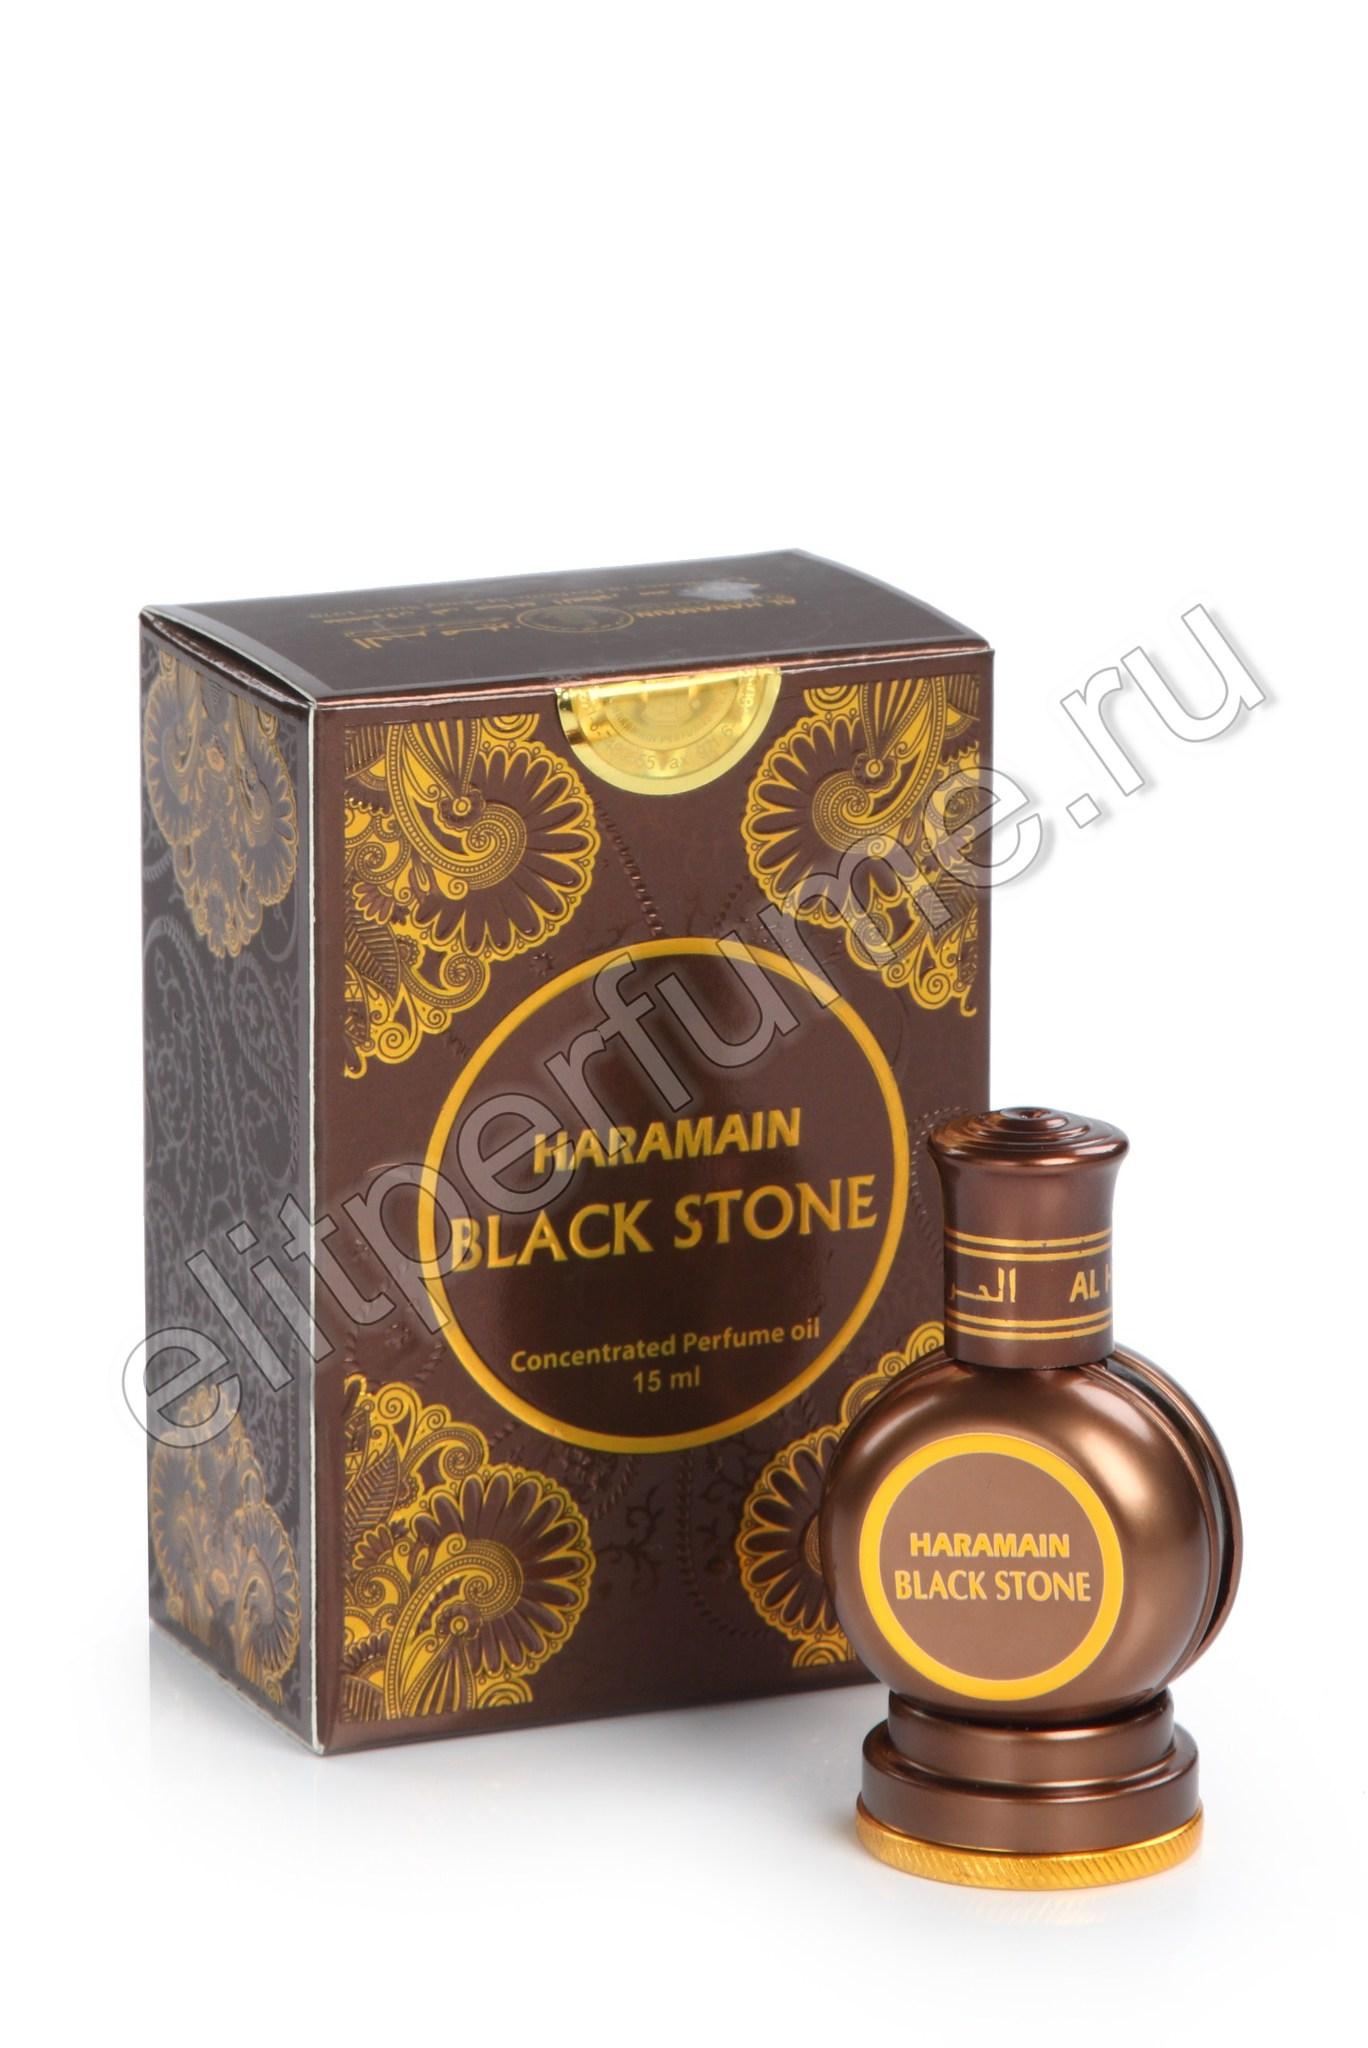 Haramain Black Stone Харамайн Черный Камень 15 мл арабские масляные духи от Аль Харамайн Al Haramain Perfumes